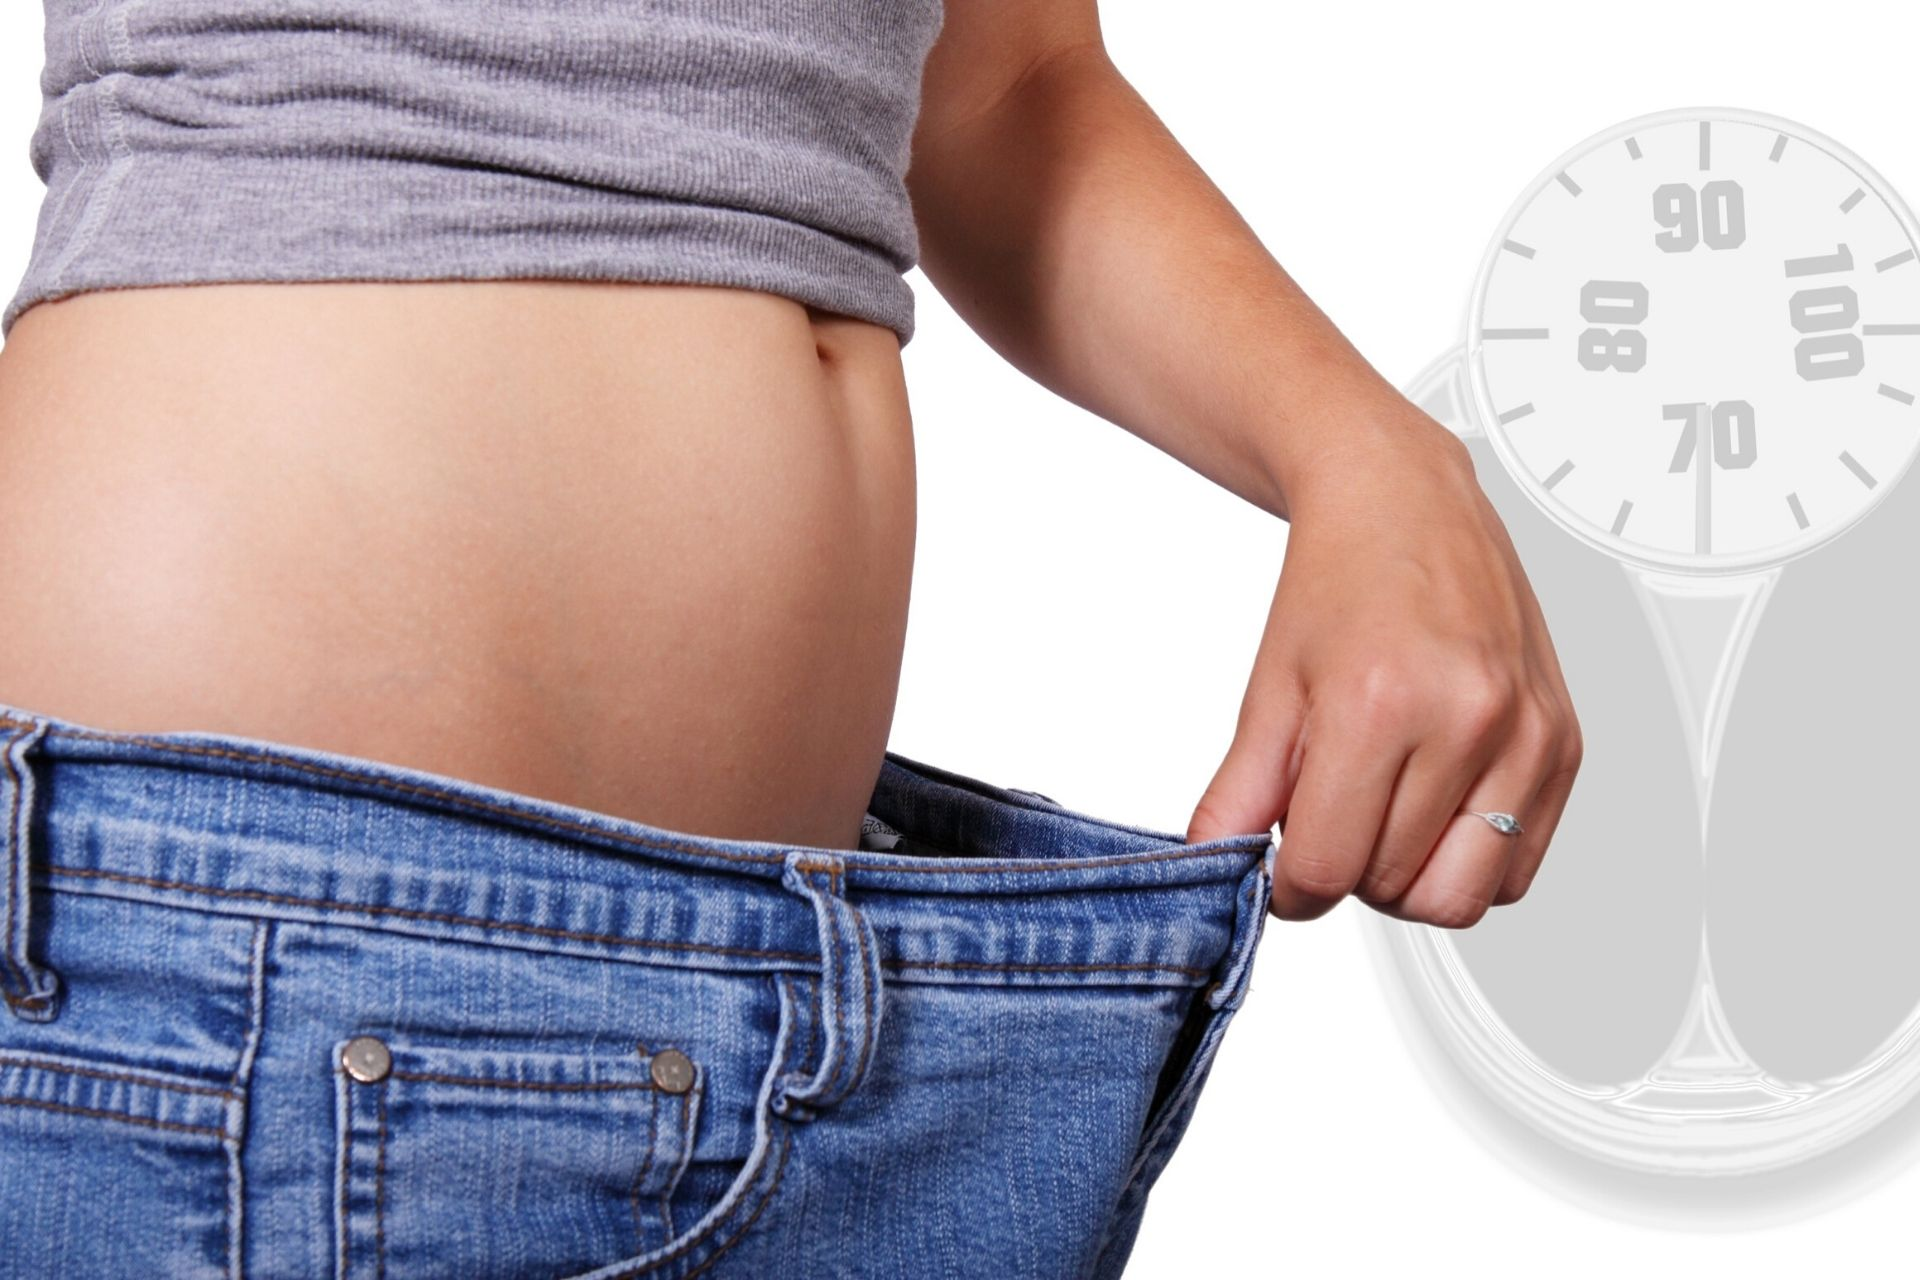 L'obesità come combatterla consigli e suggerimenti